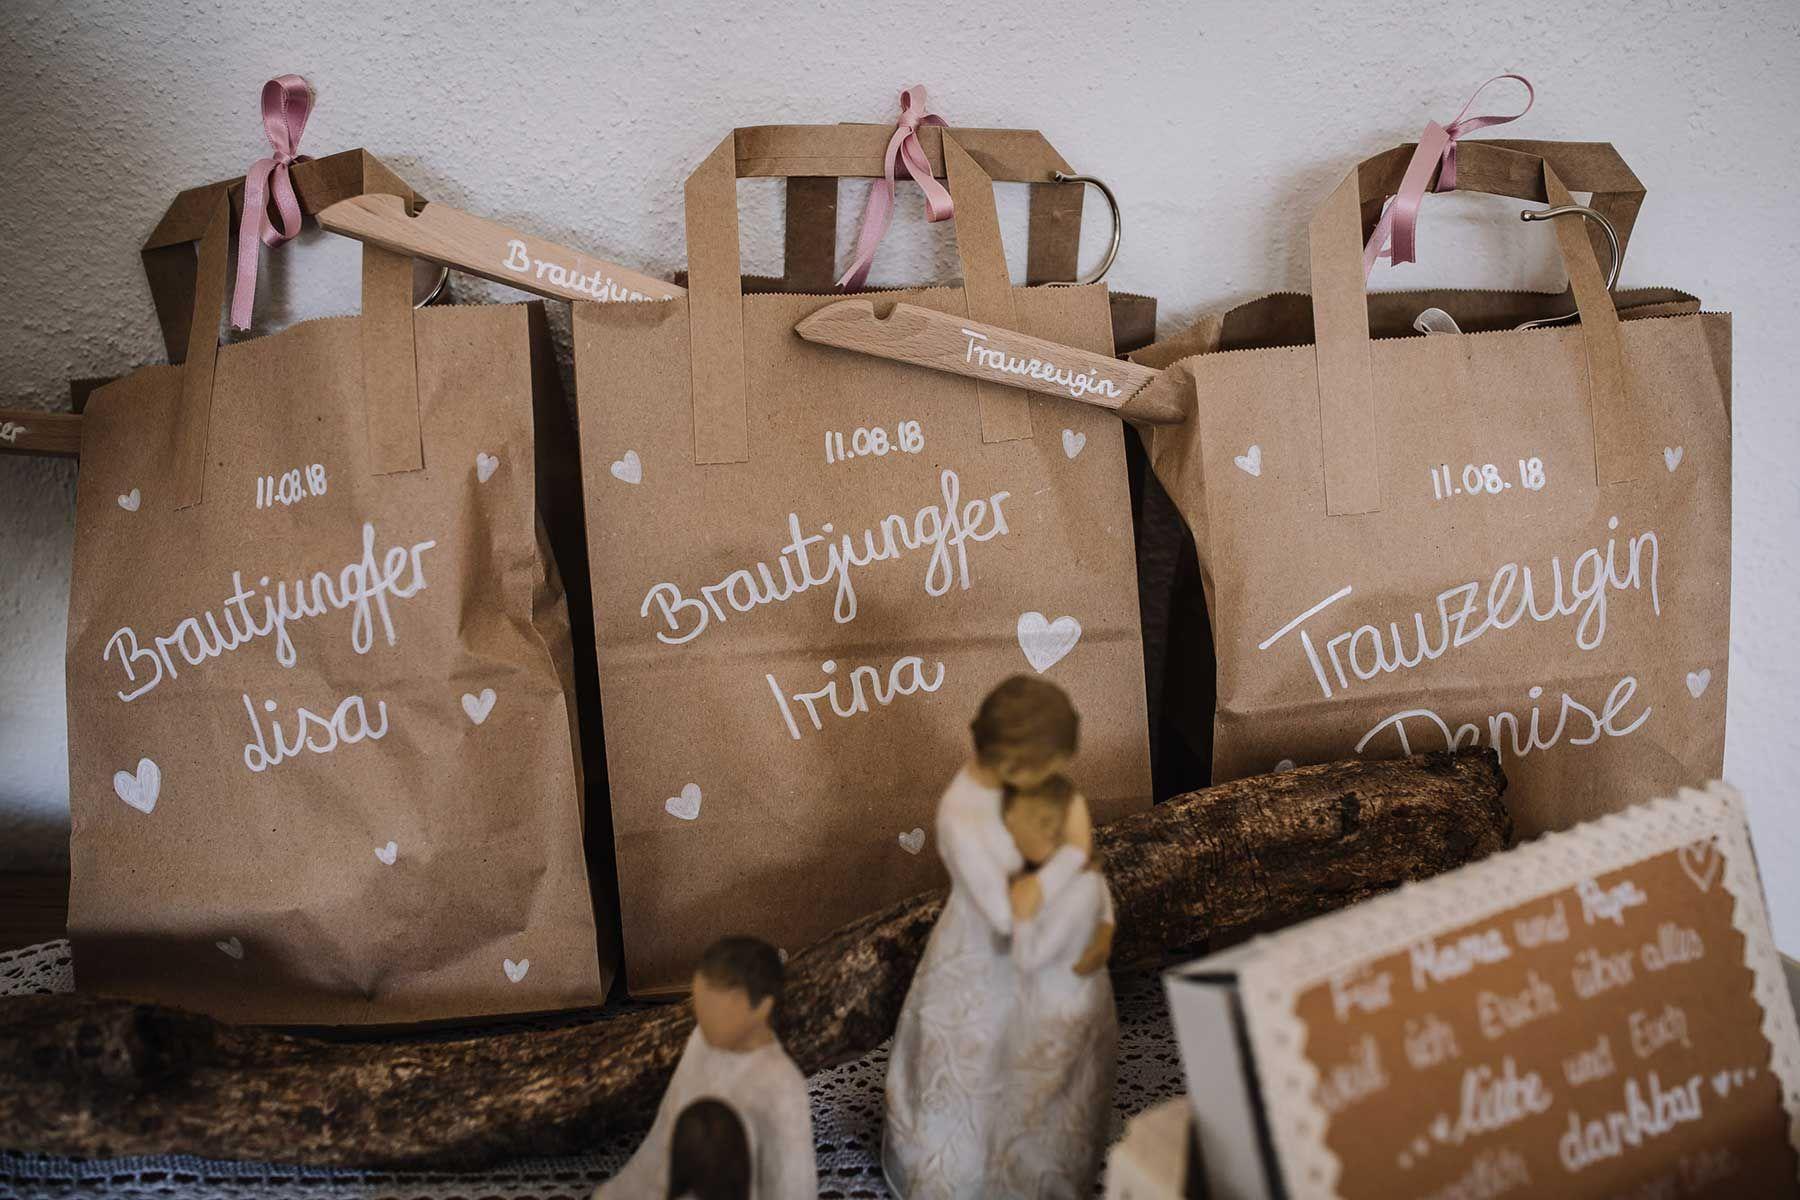 Geschenktute Fur Die Trauzeugin Brautjungfern Oder Den Eltern Zur Hochzeit Trauzeugin Geschenk Brautjungfern Trauzeugin